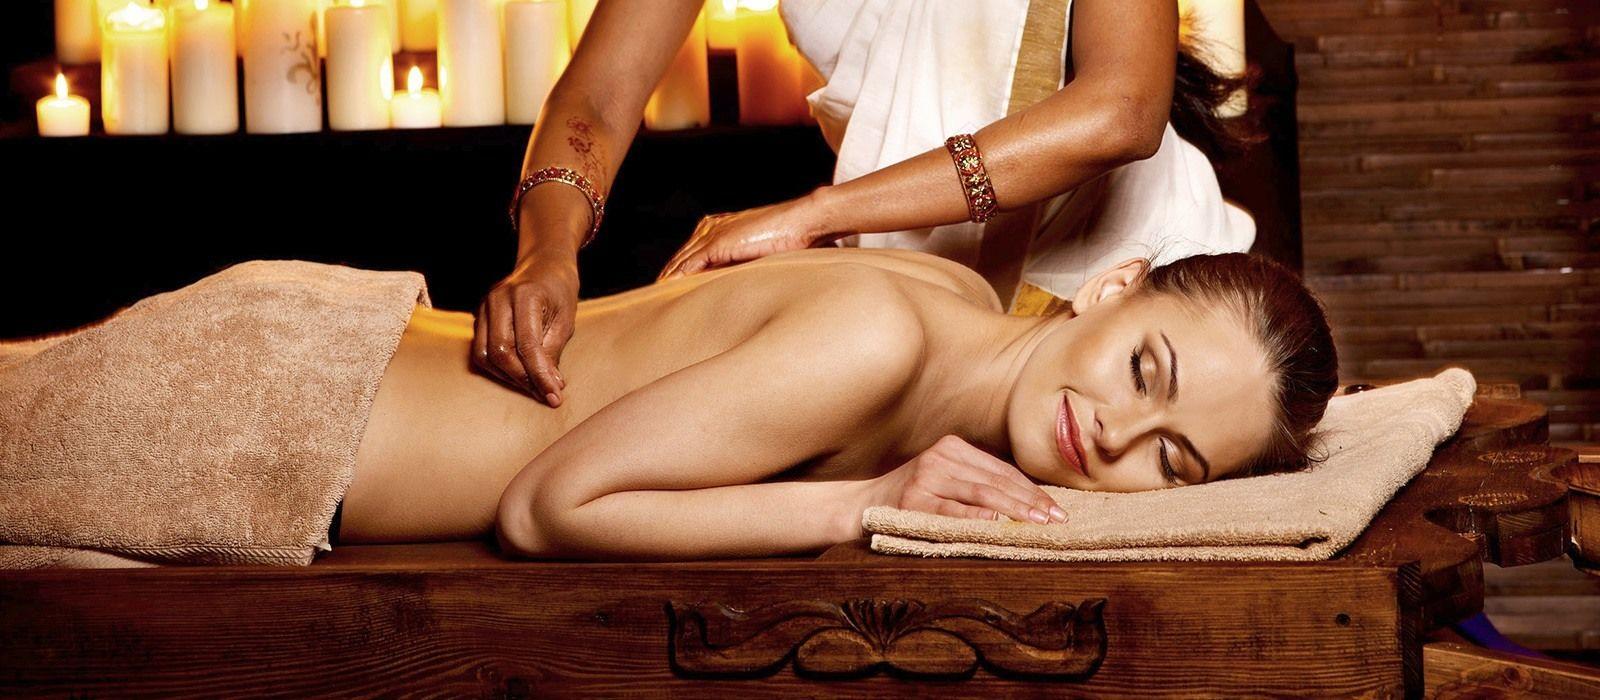 thai erotic massage paradise hotel deltakere